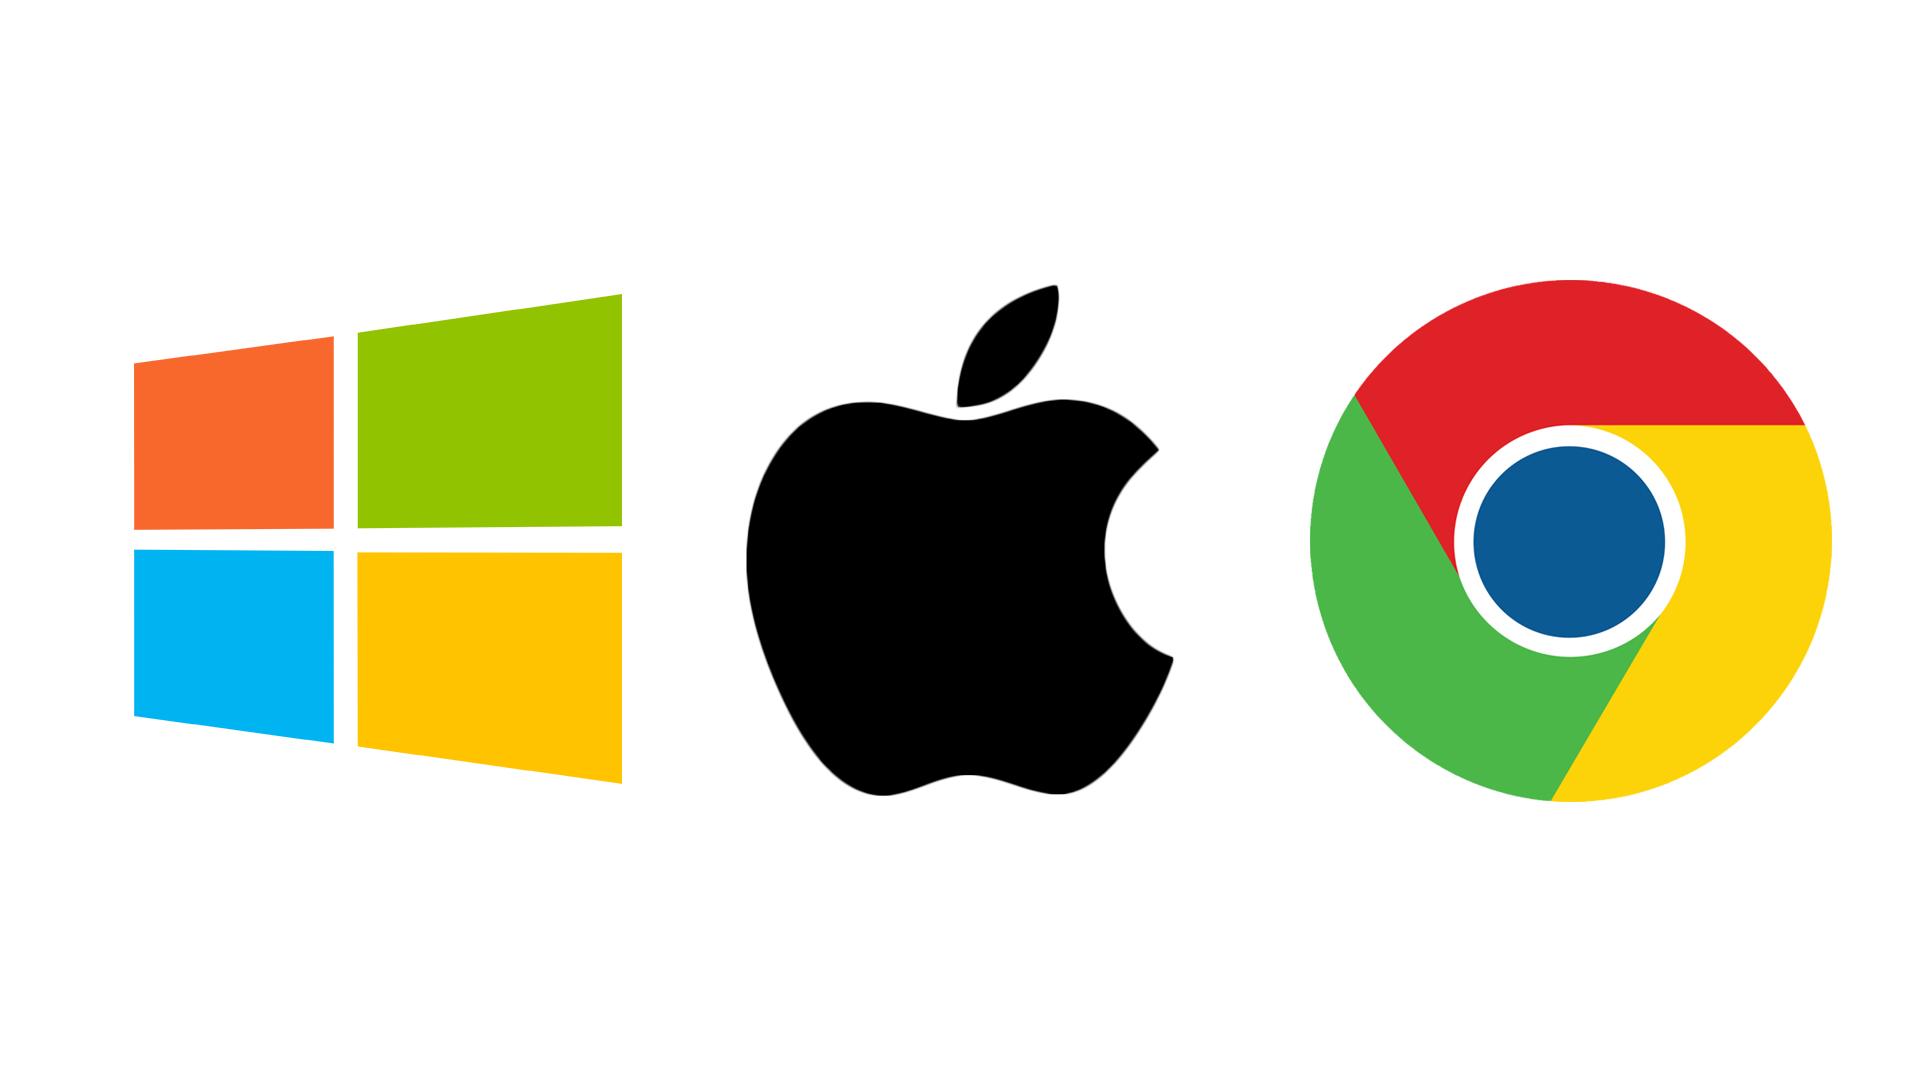 The Windows, macOS, and Chrome OS logos.